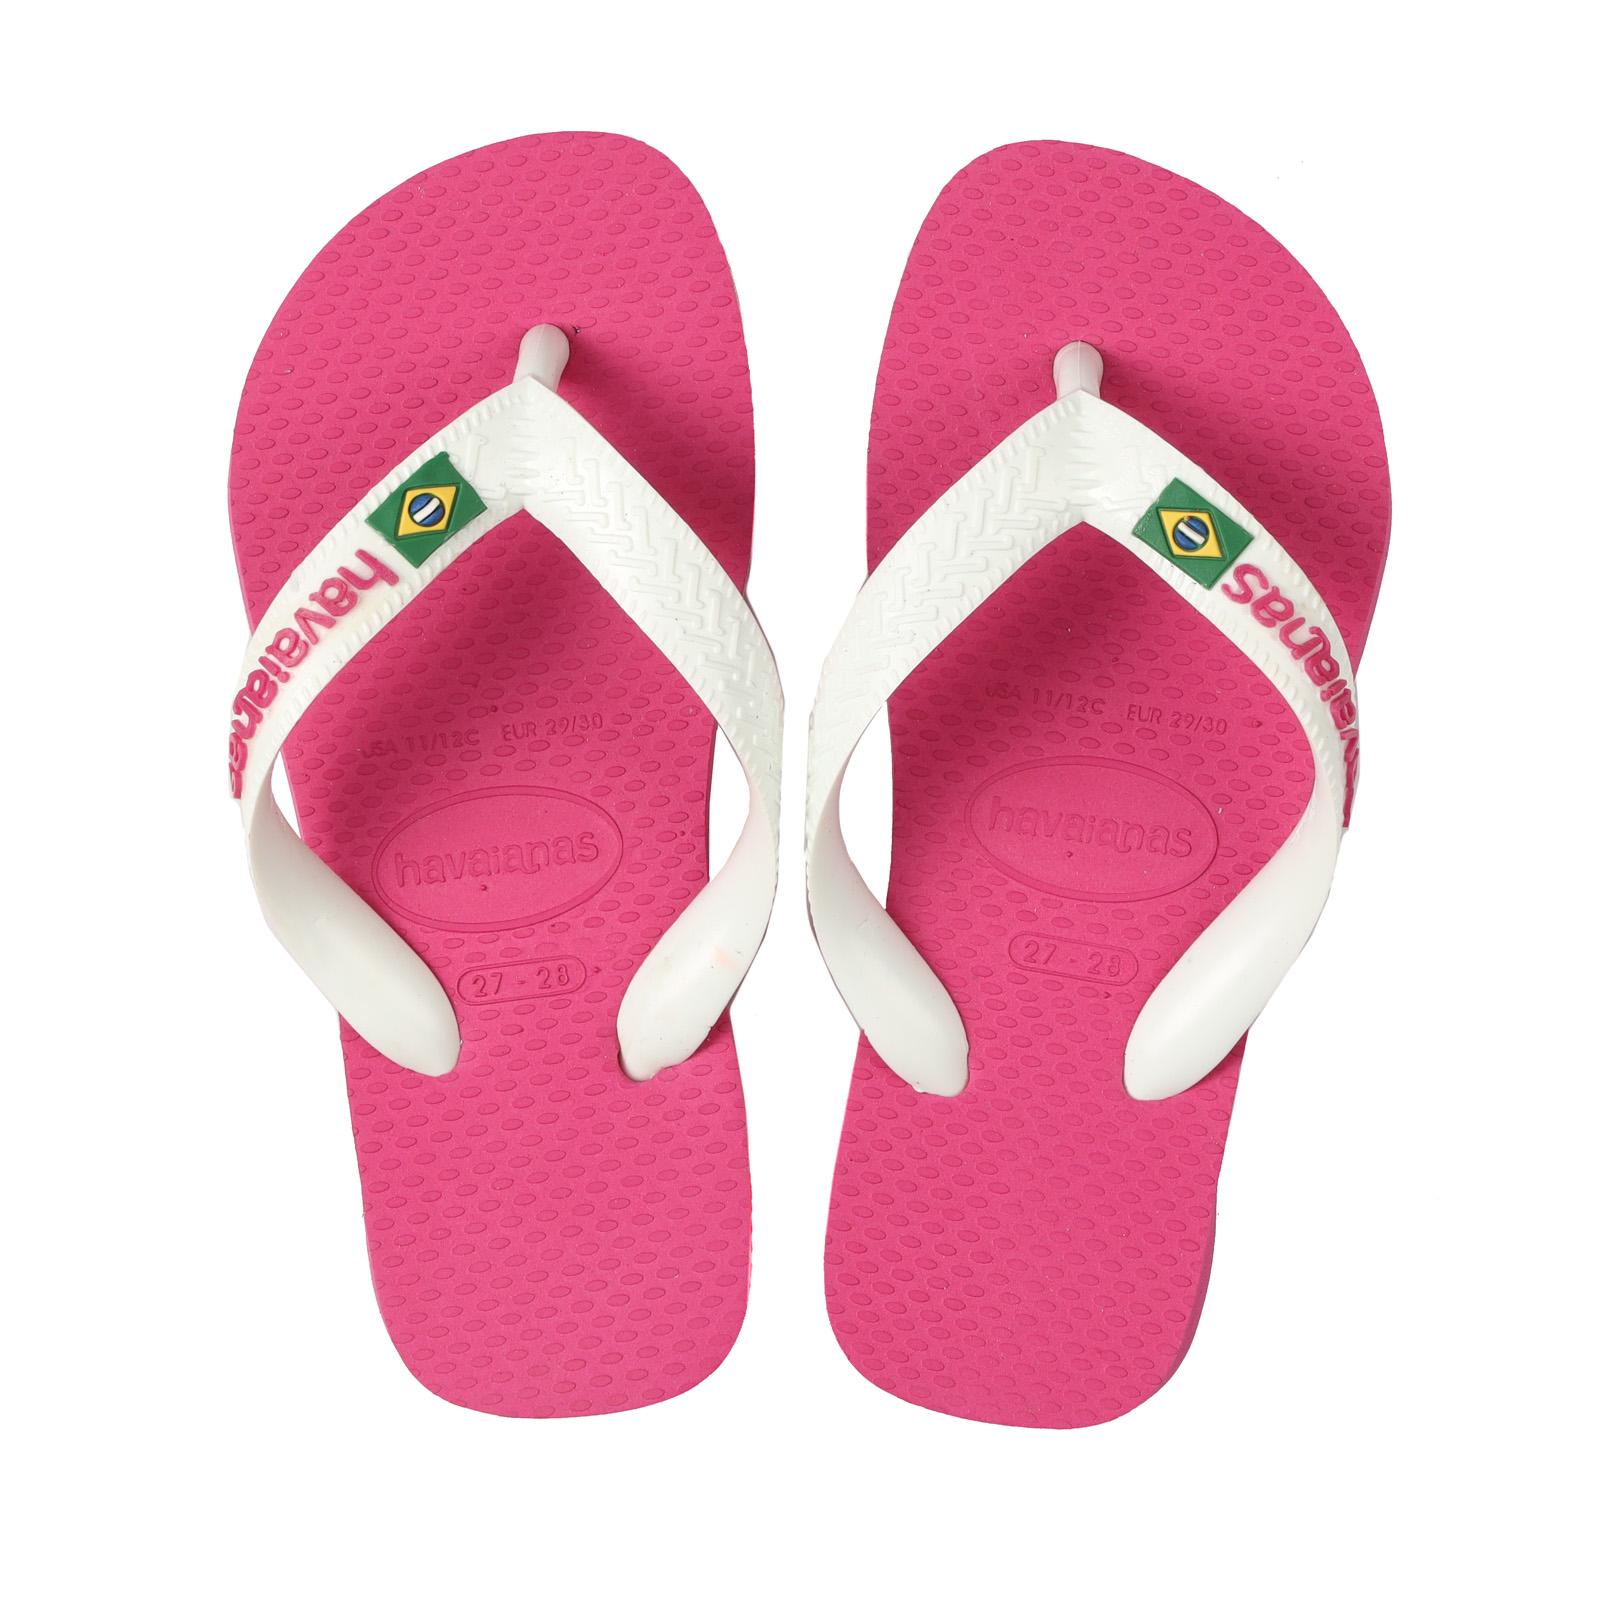 HAVAIANAS | Flip flops | 4110850 B0064